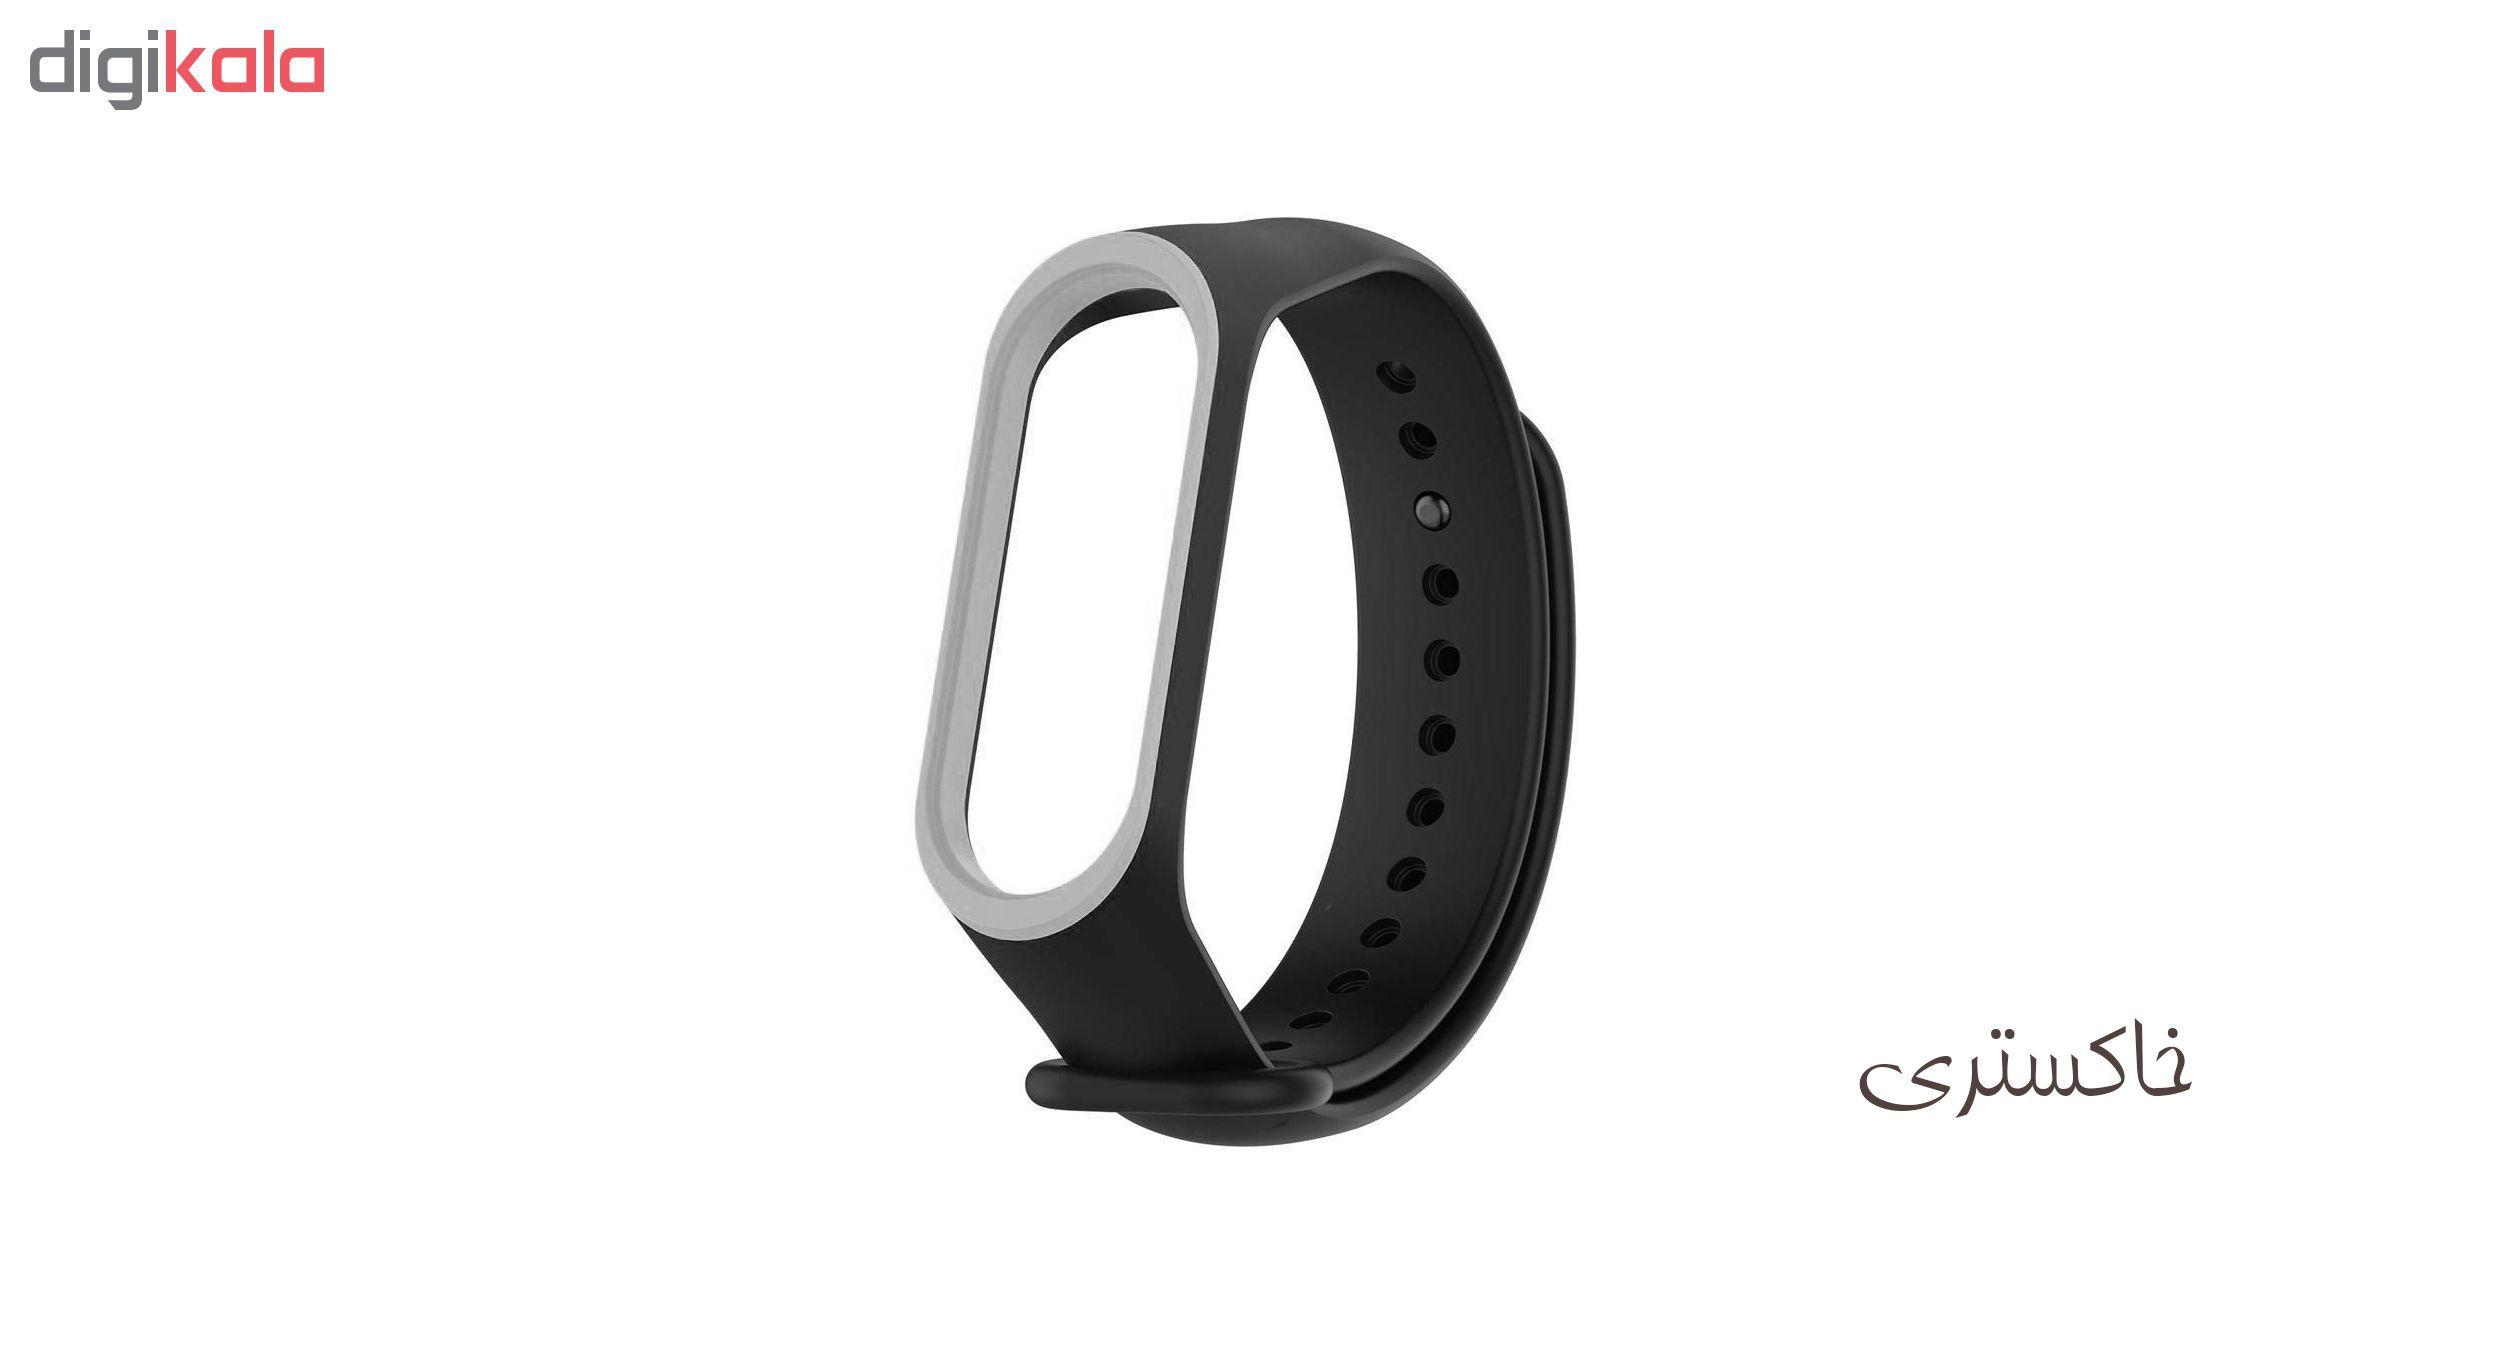 بند مچ بند هوشمند سومگ مدل SMG-S2 مناسب برای مچ بند هوشمند شیائومی Mi Band 3 و M3 main 1 1